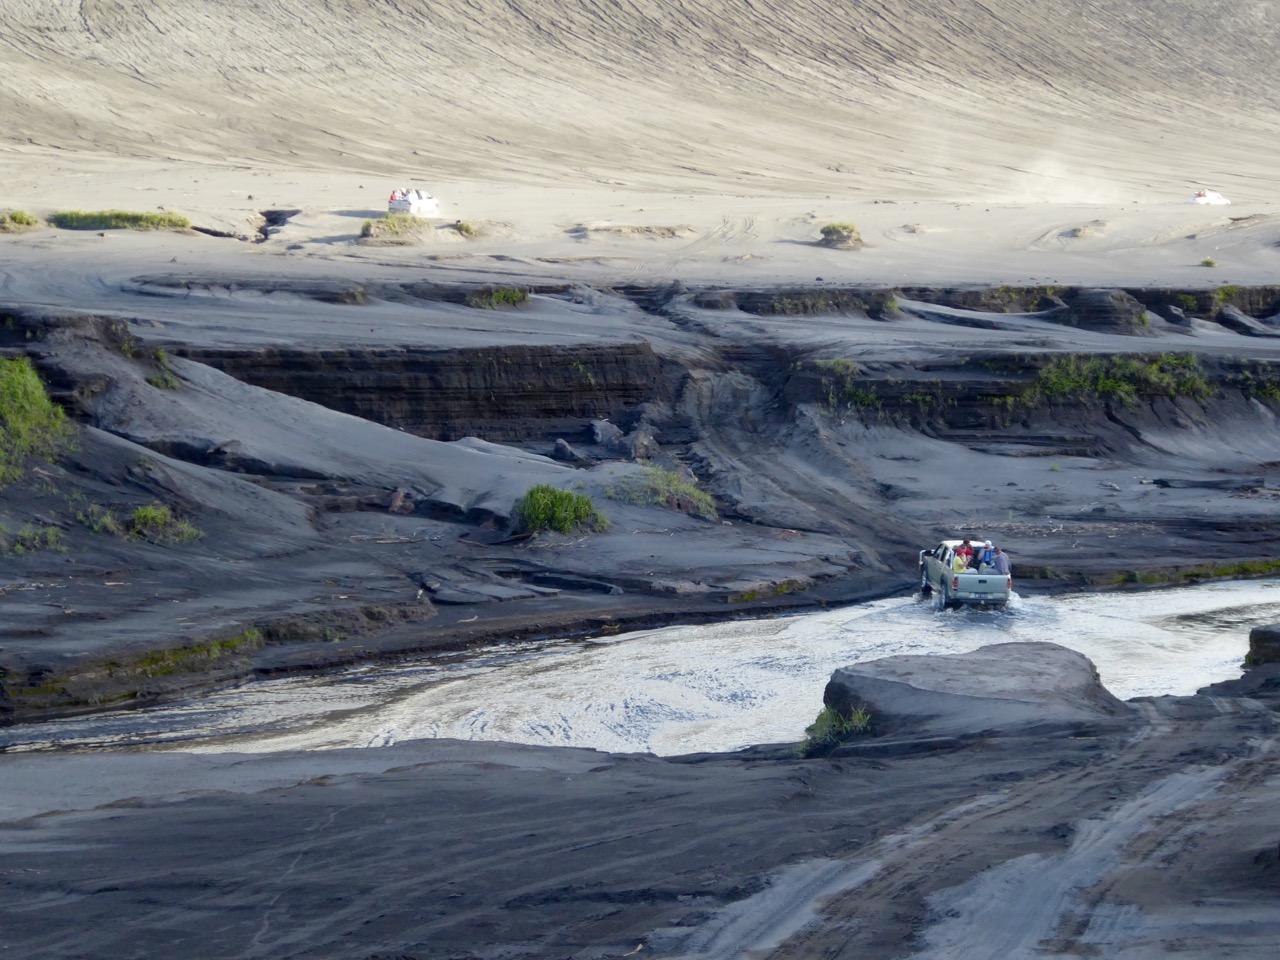 Fahrt durch die Aschefelder zum Vulkan - Heike Fries (1)